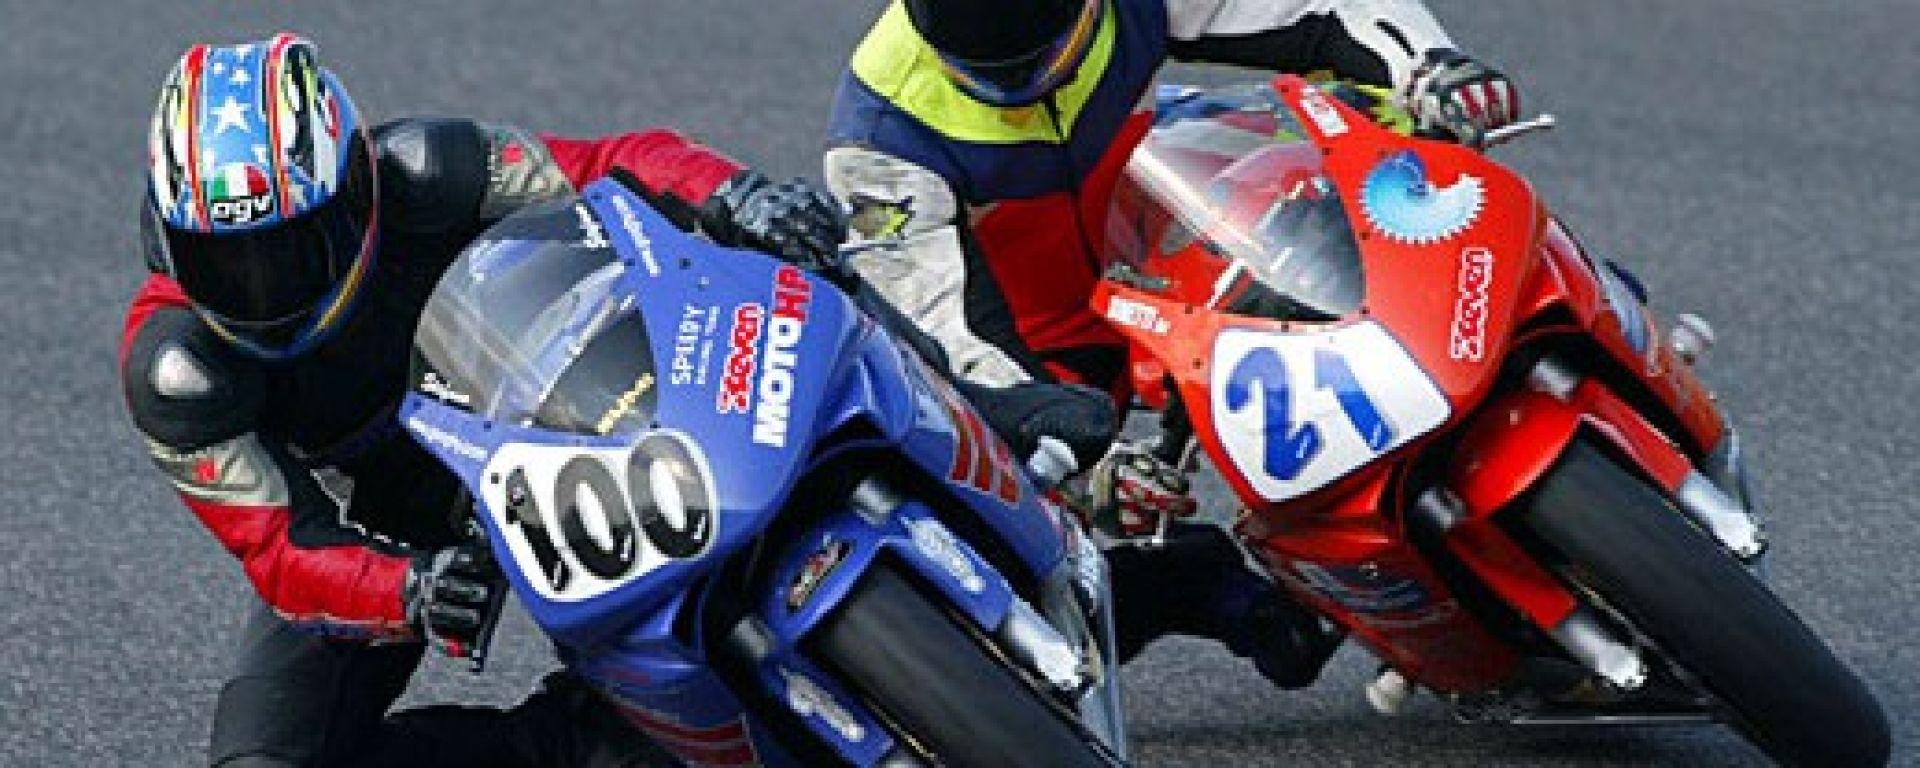 In gara con la Honda CBR 600 RR by Rumi